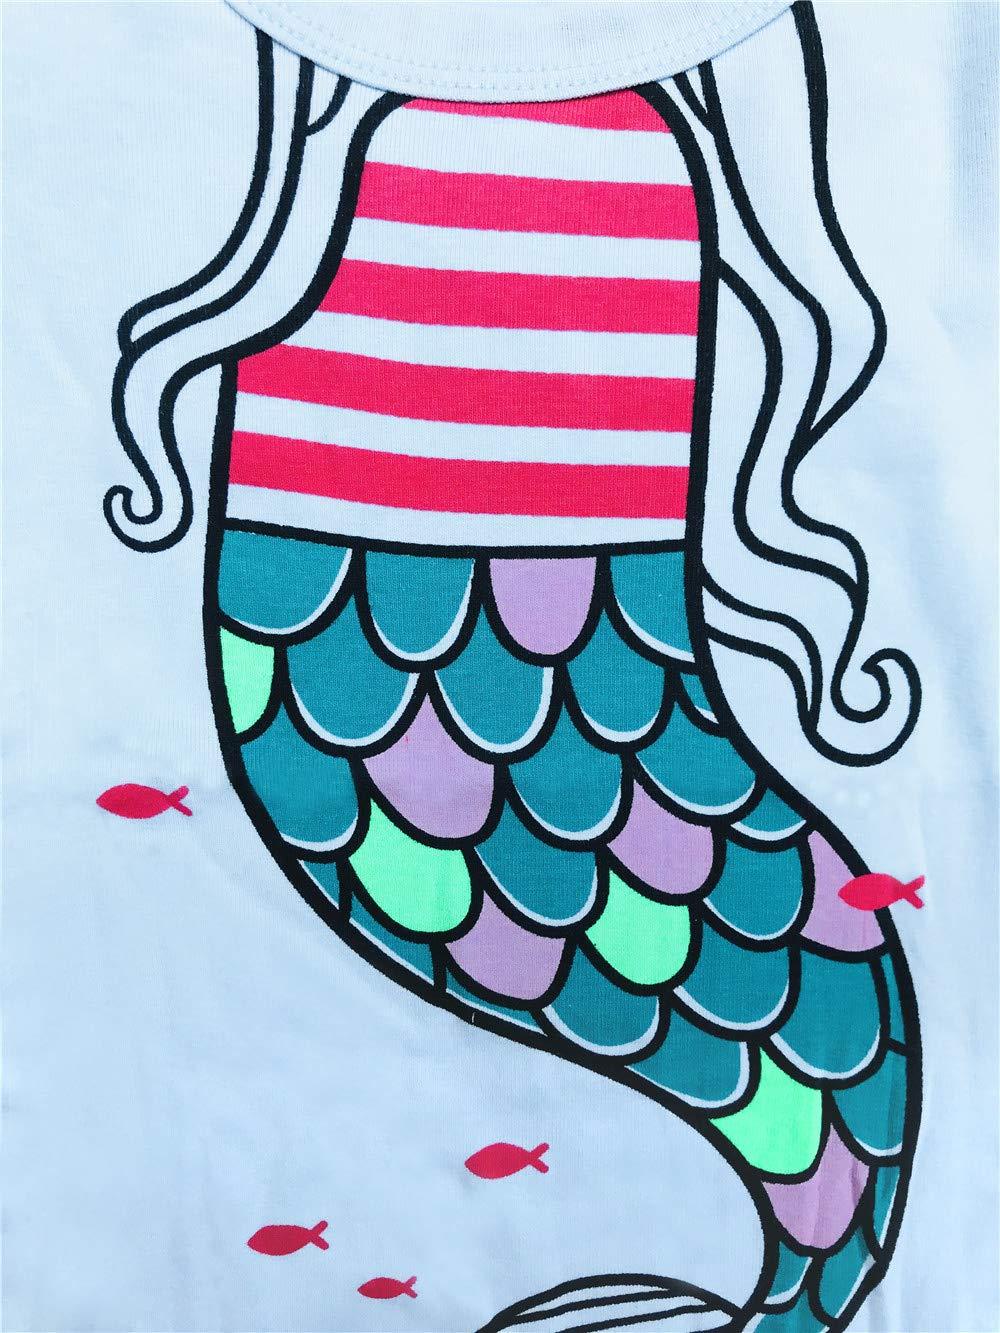 LitBud Toddler Girls Mermaids Pajama Sleepwears 2pcs Long Sleeves Pjs Tops + Pants Sets for Kids Size 3-4 Years 4T